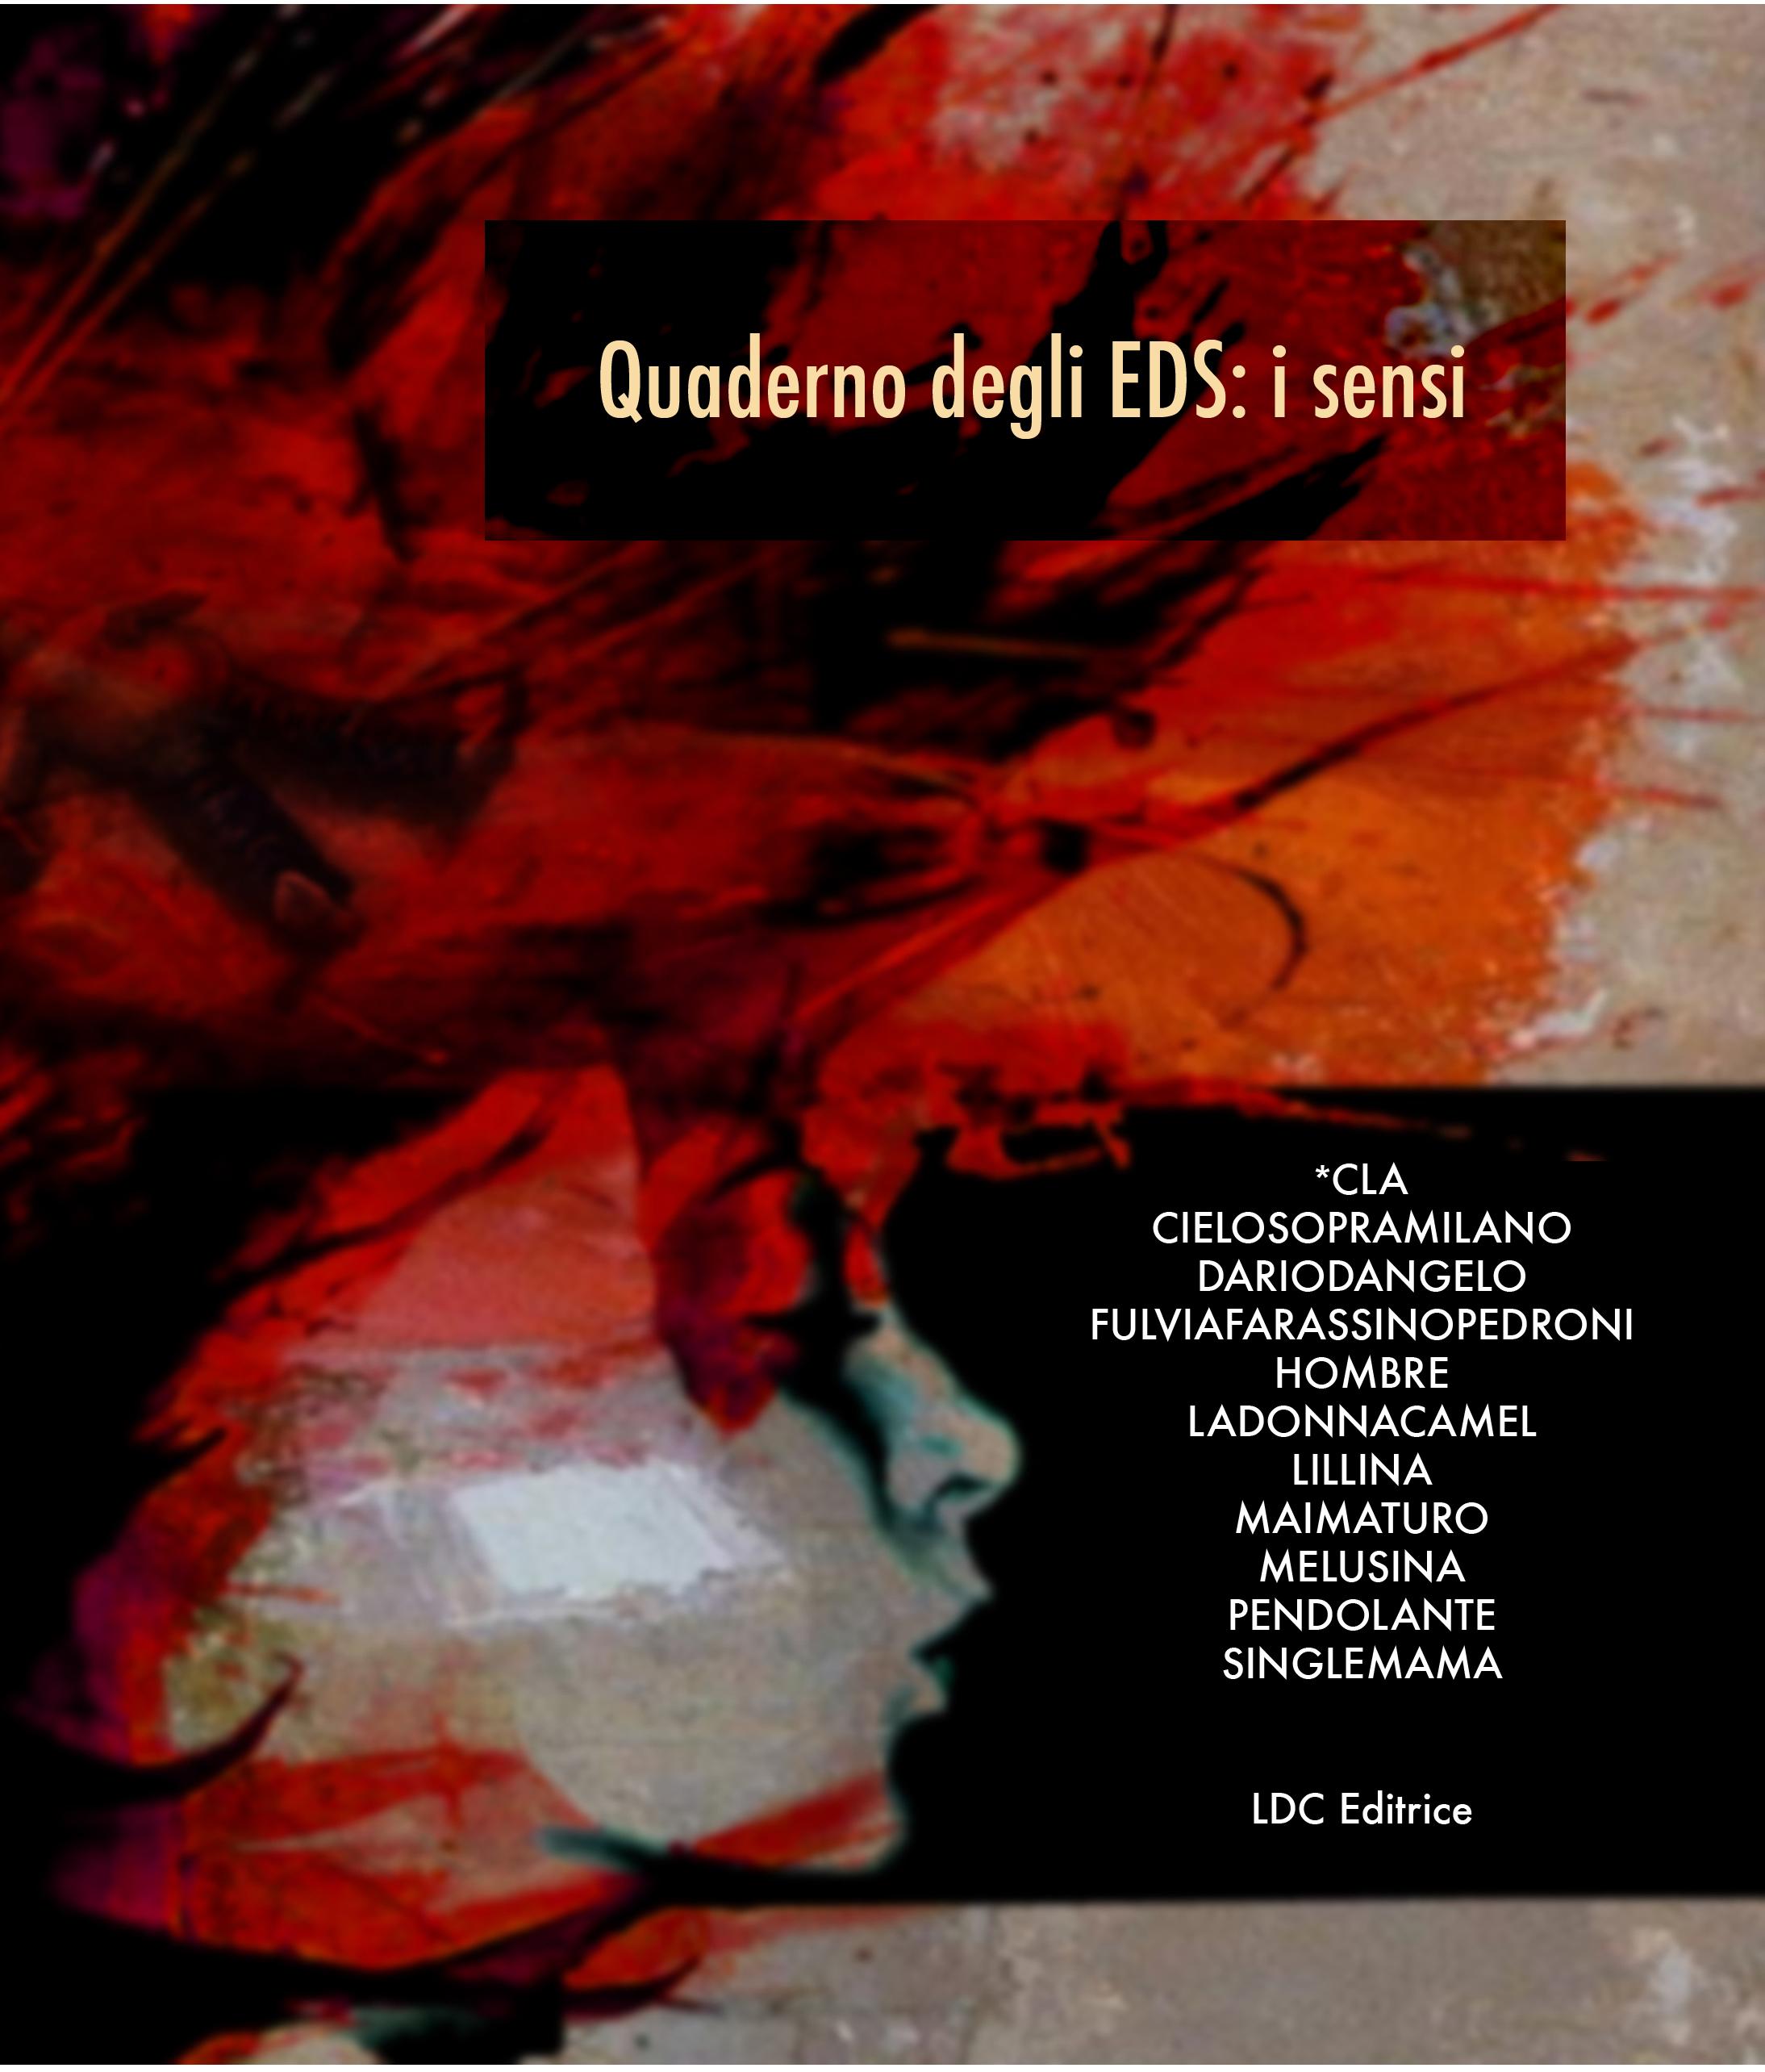 Quaderno degli EDS #...